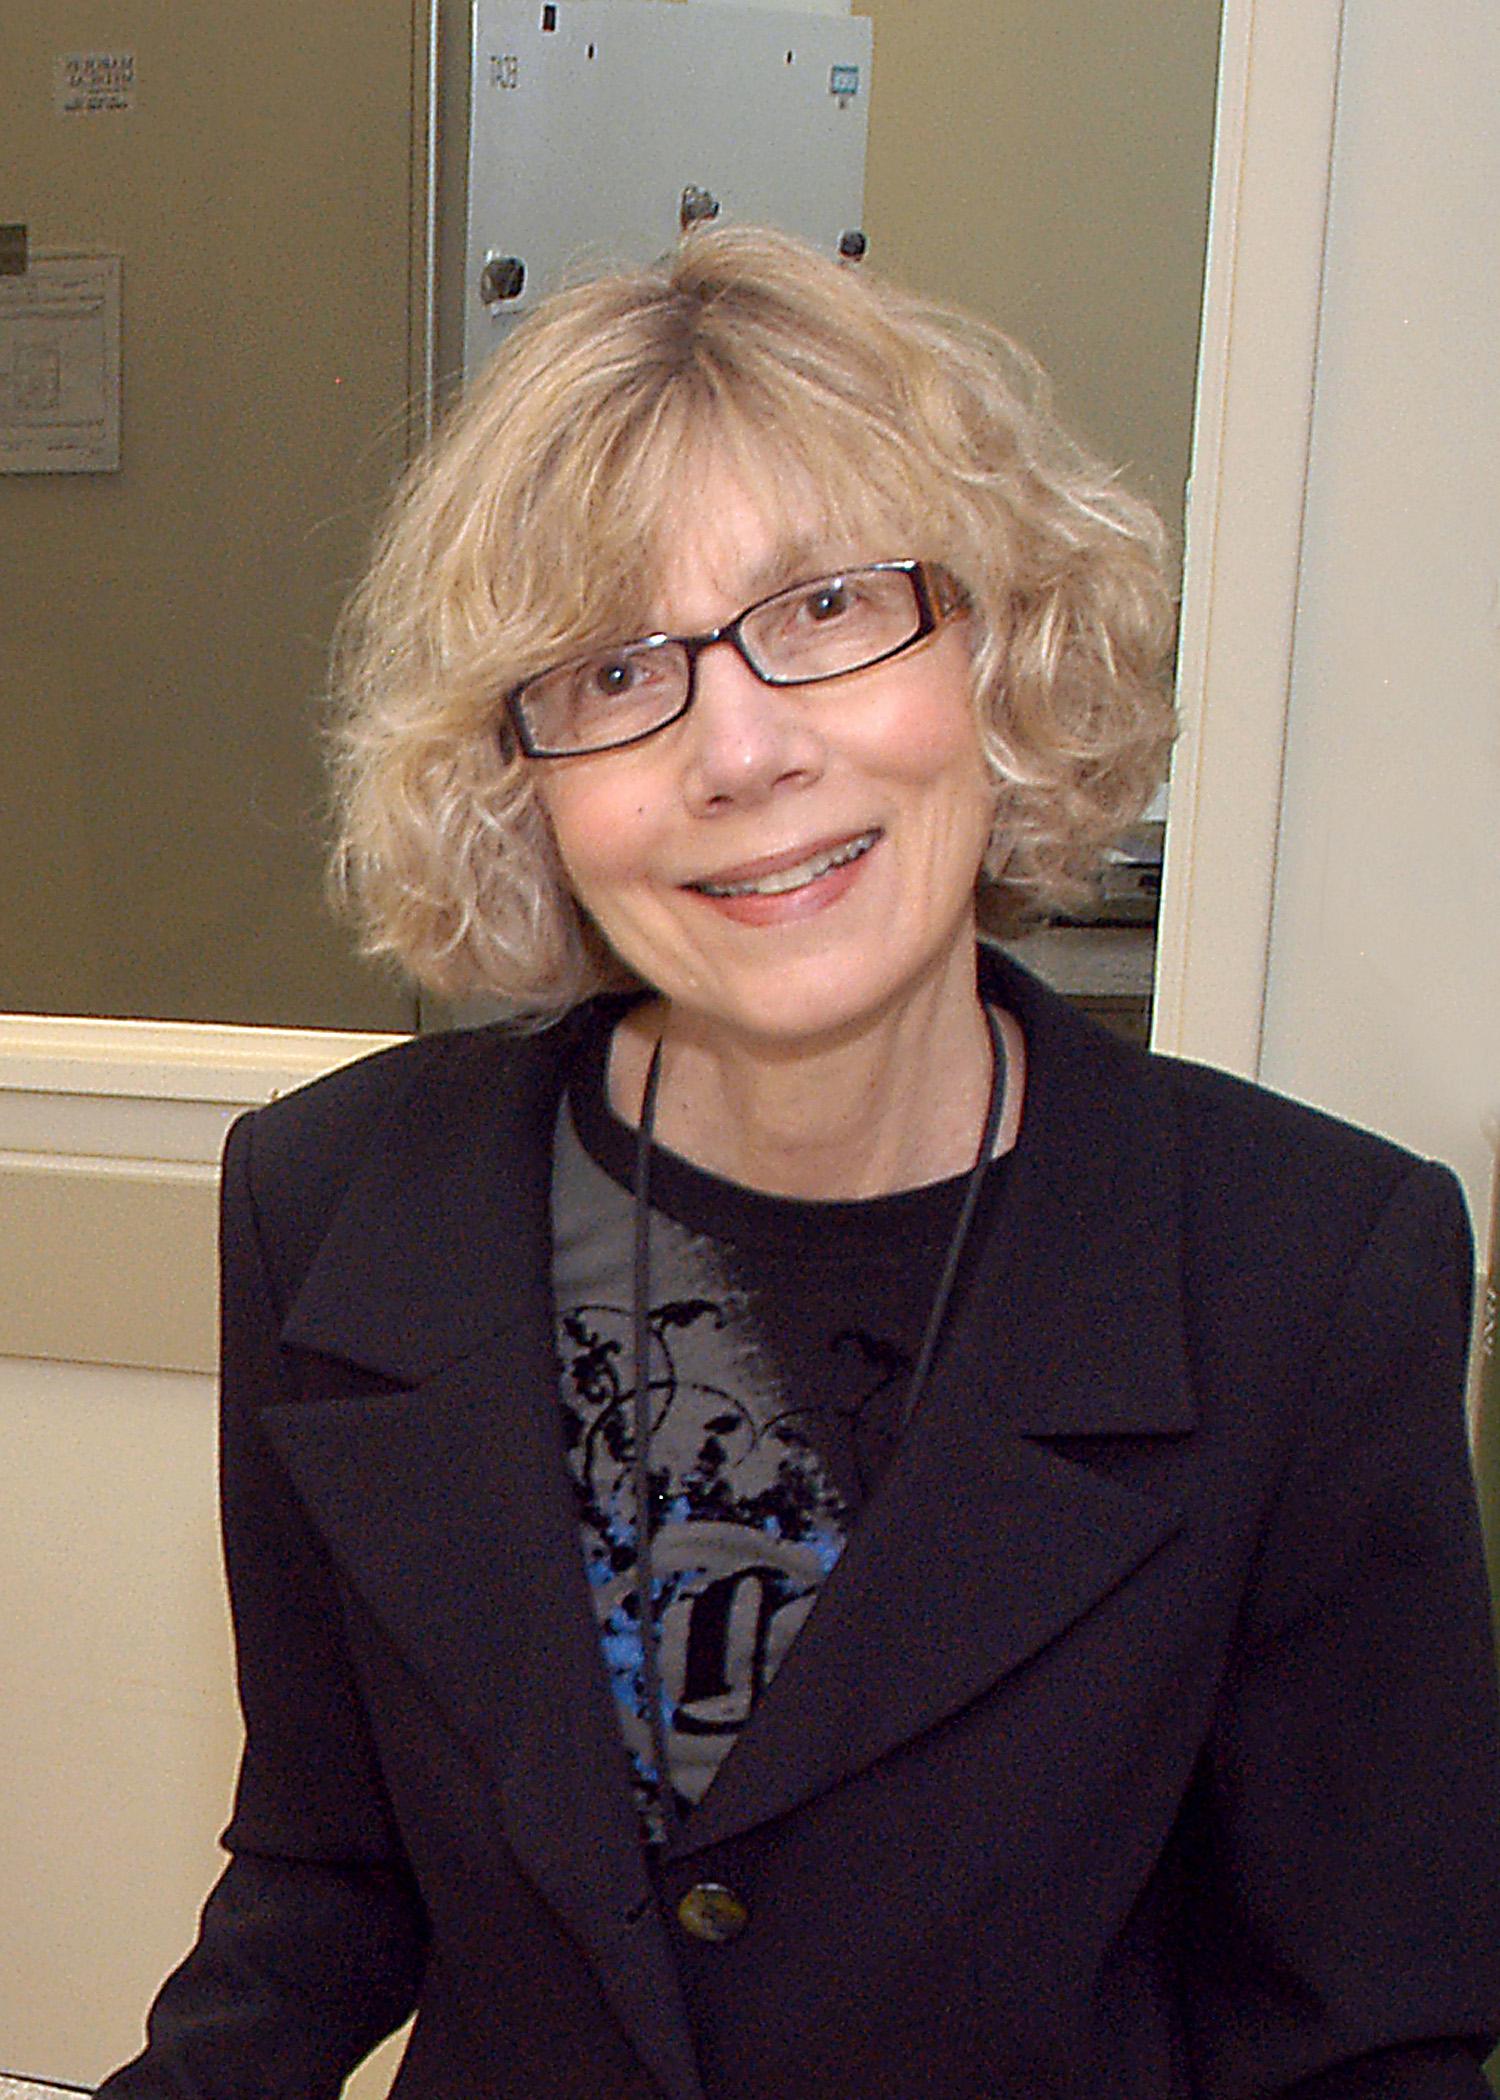 Joanna S. Fowler